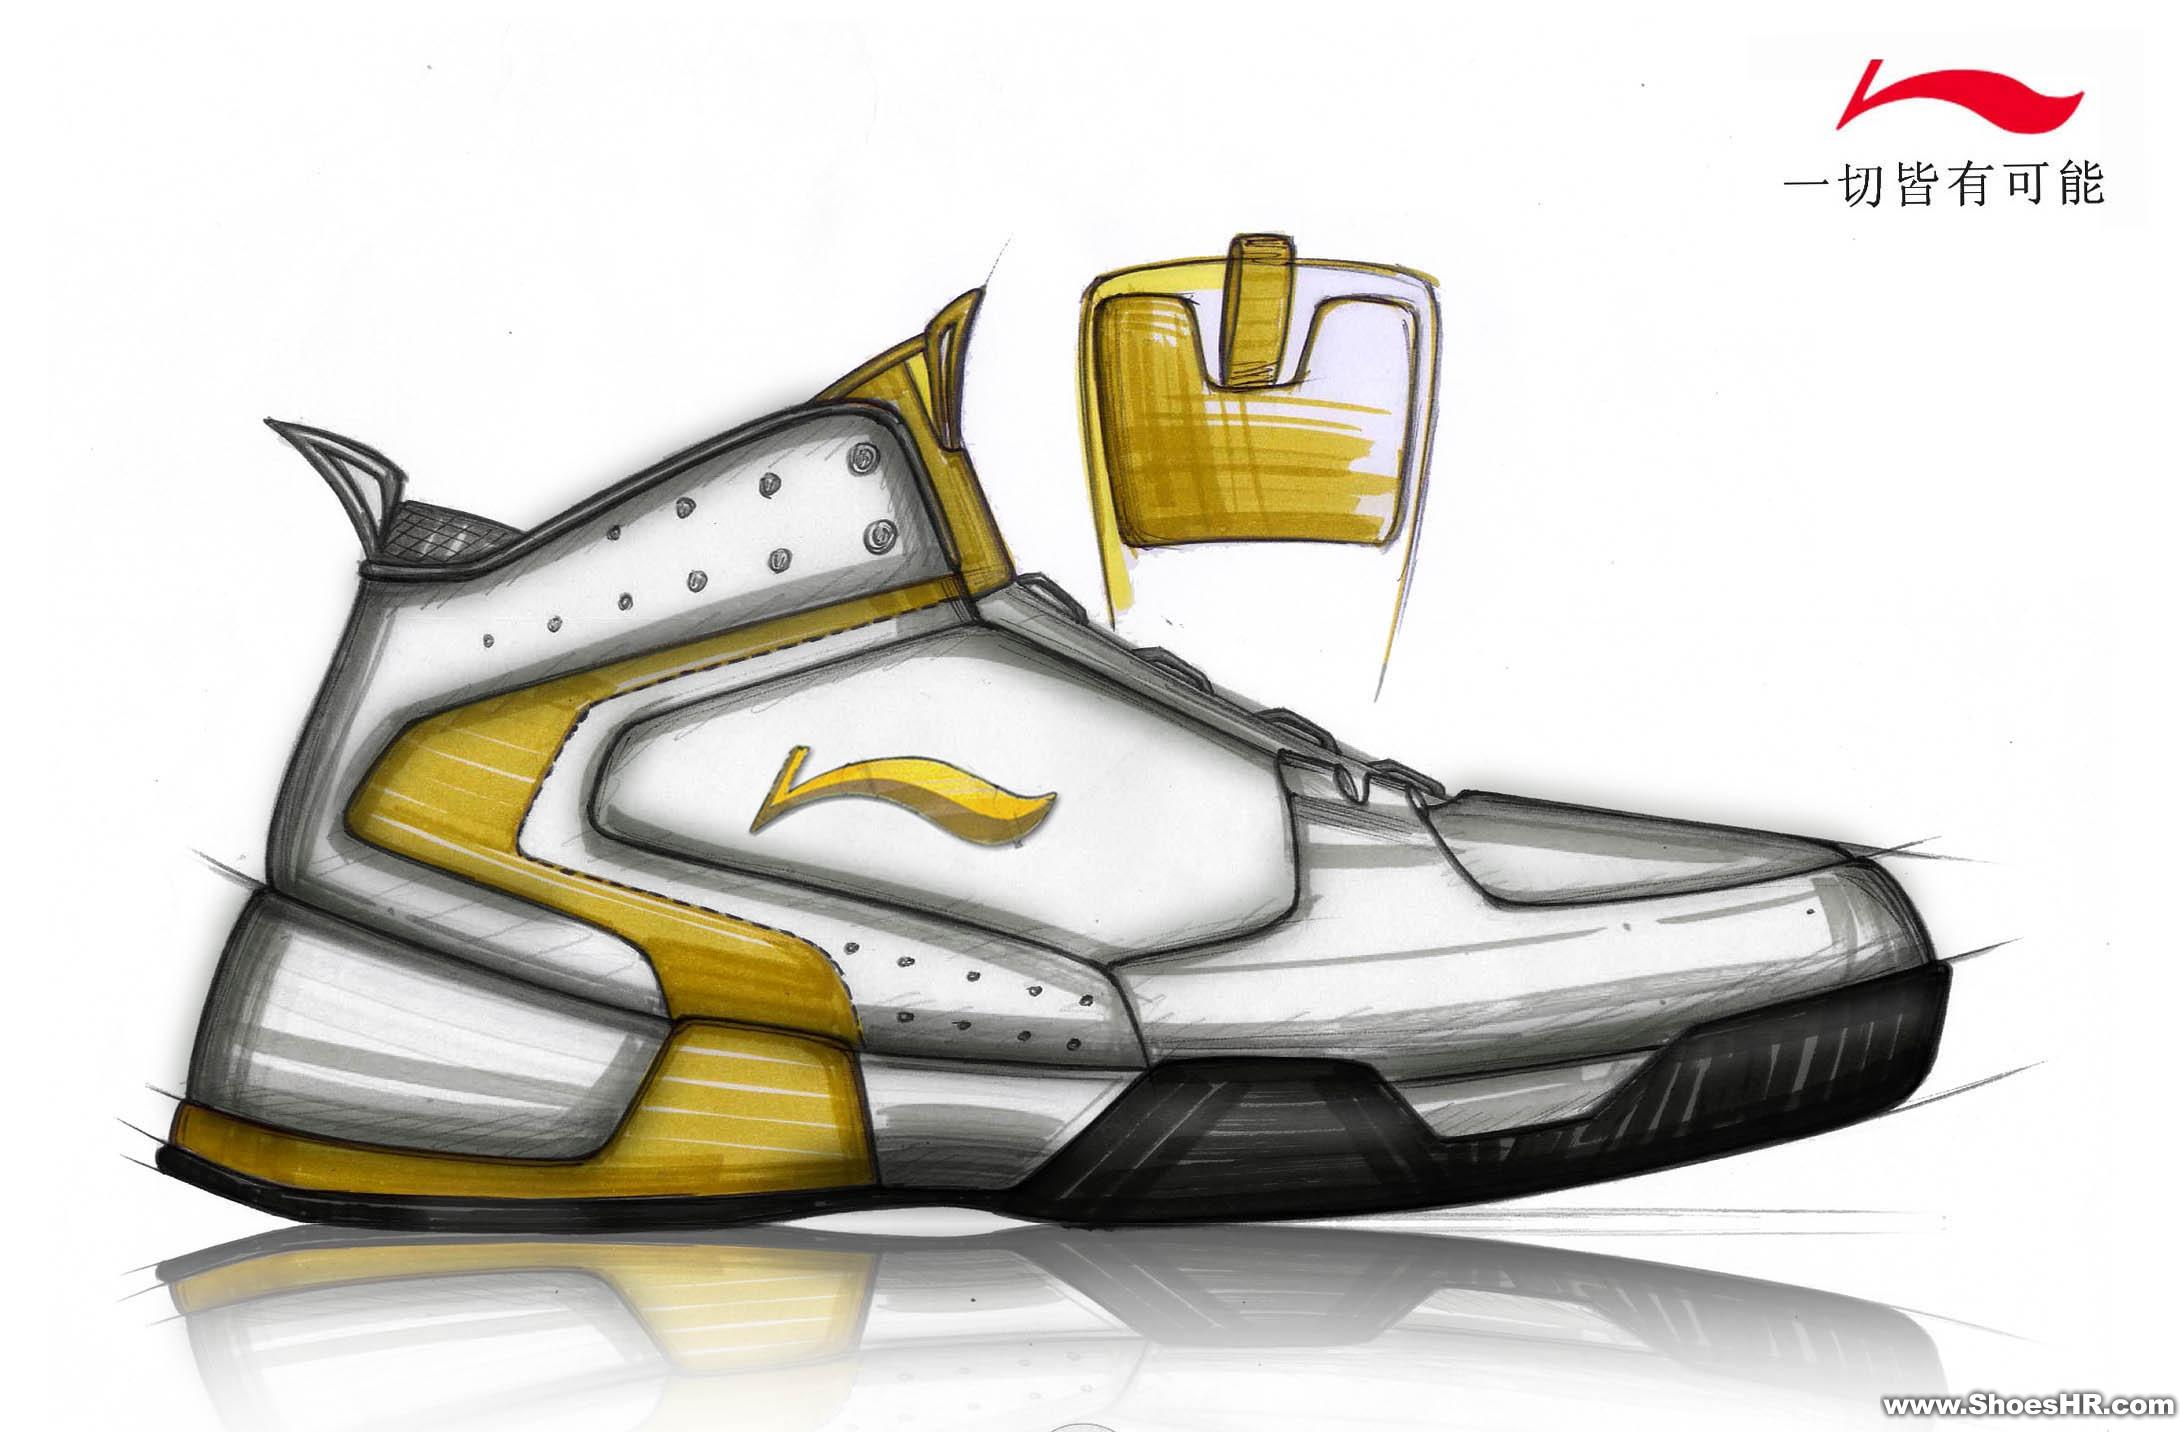 篮球鞋设计,刘天贵--中国鞋业设计师网